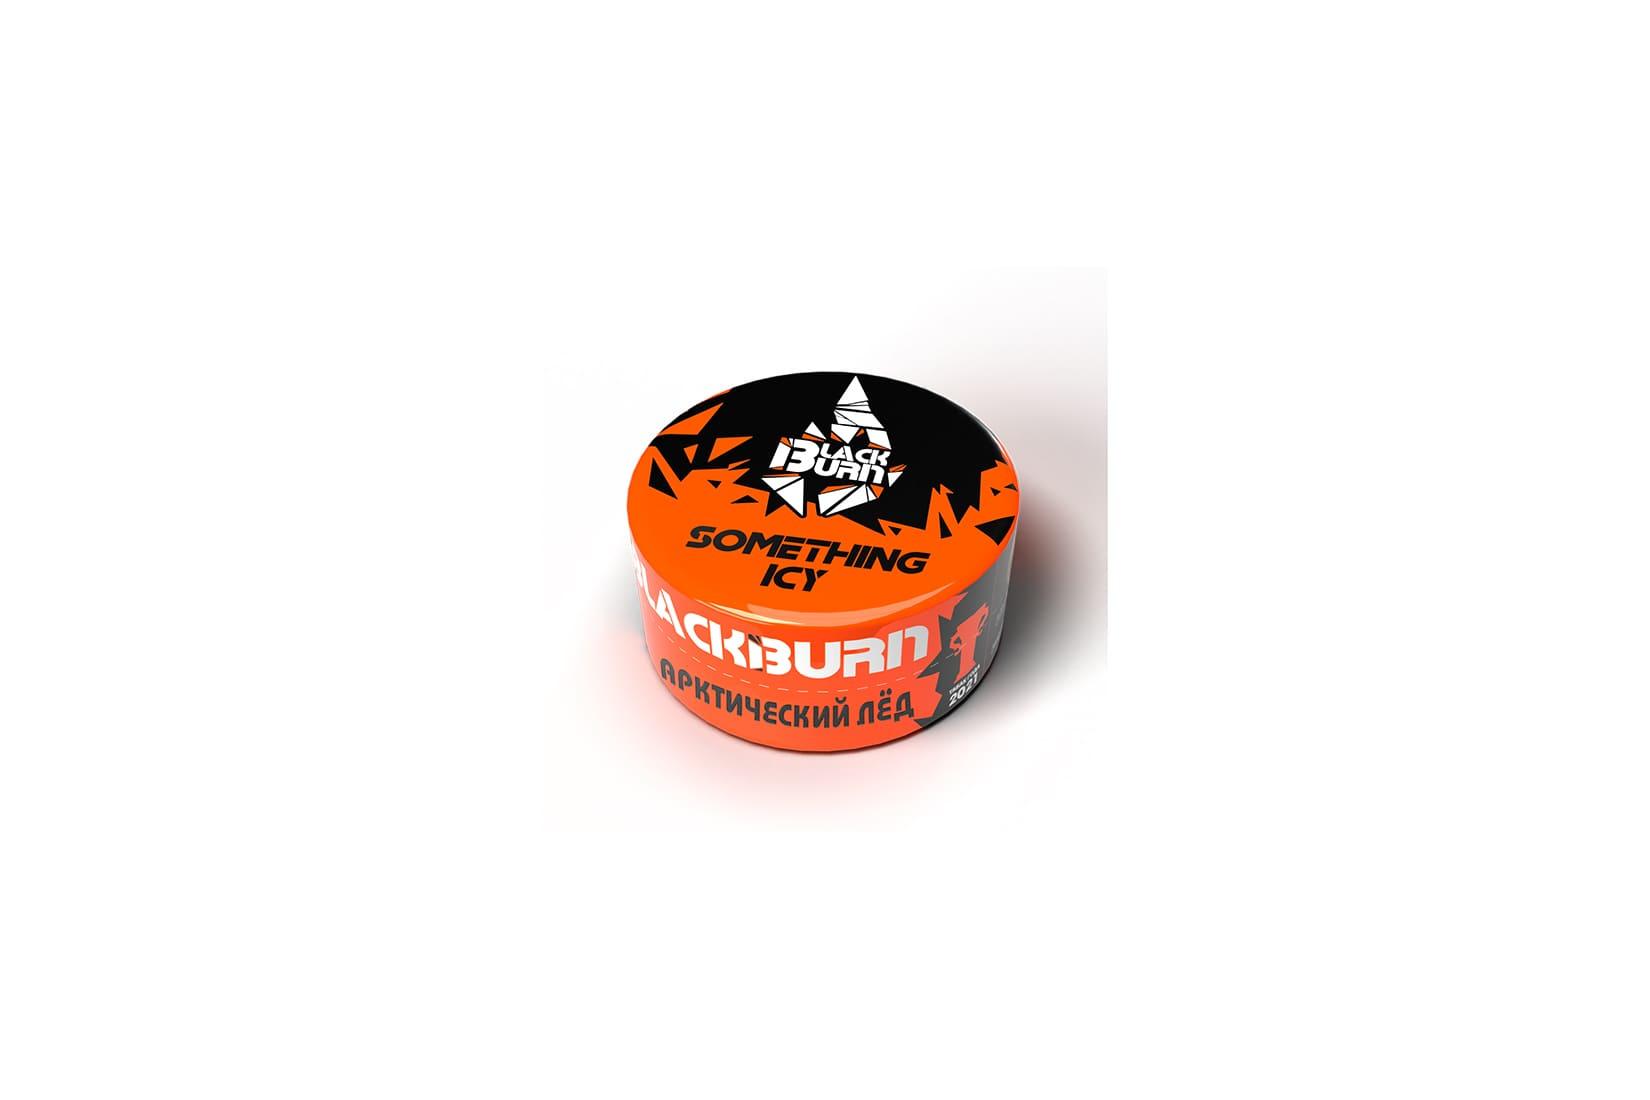 Табак для кальяна Black Burn SOMETHING ICY – описание, миксы, отзывы